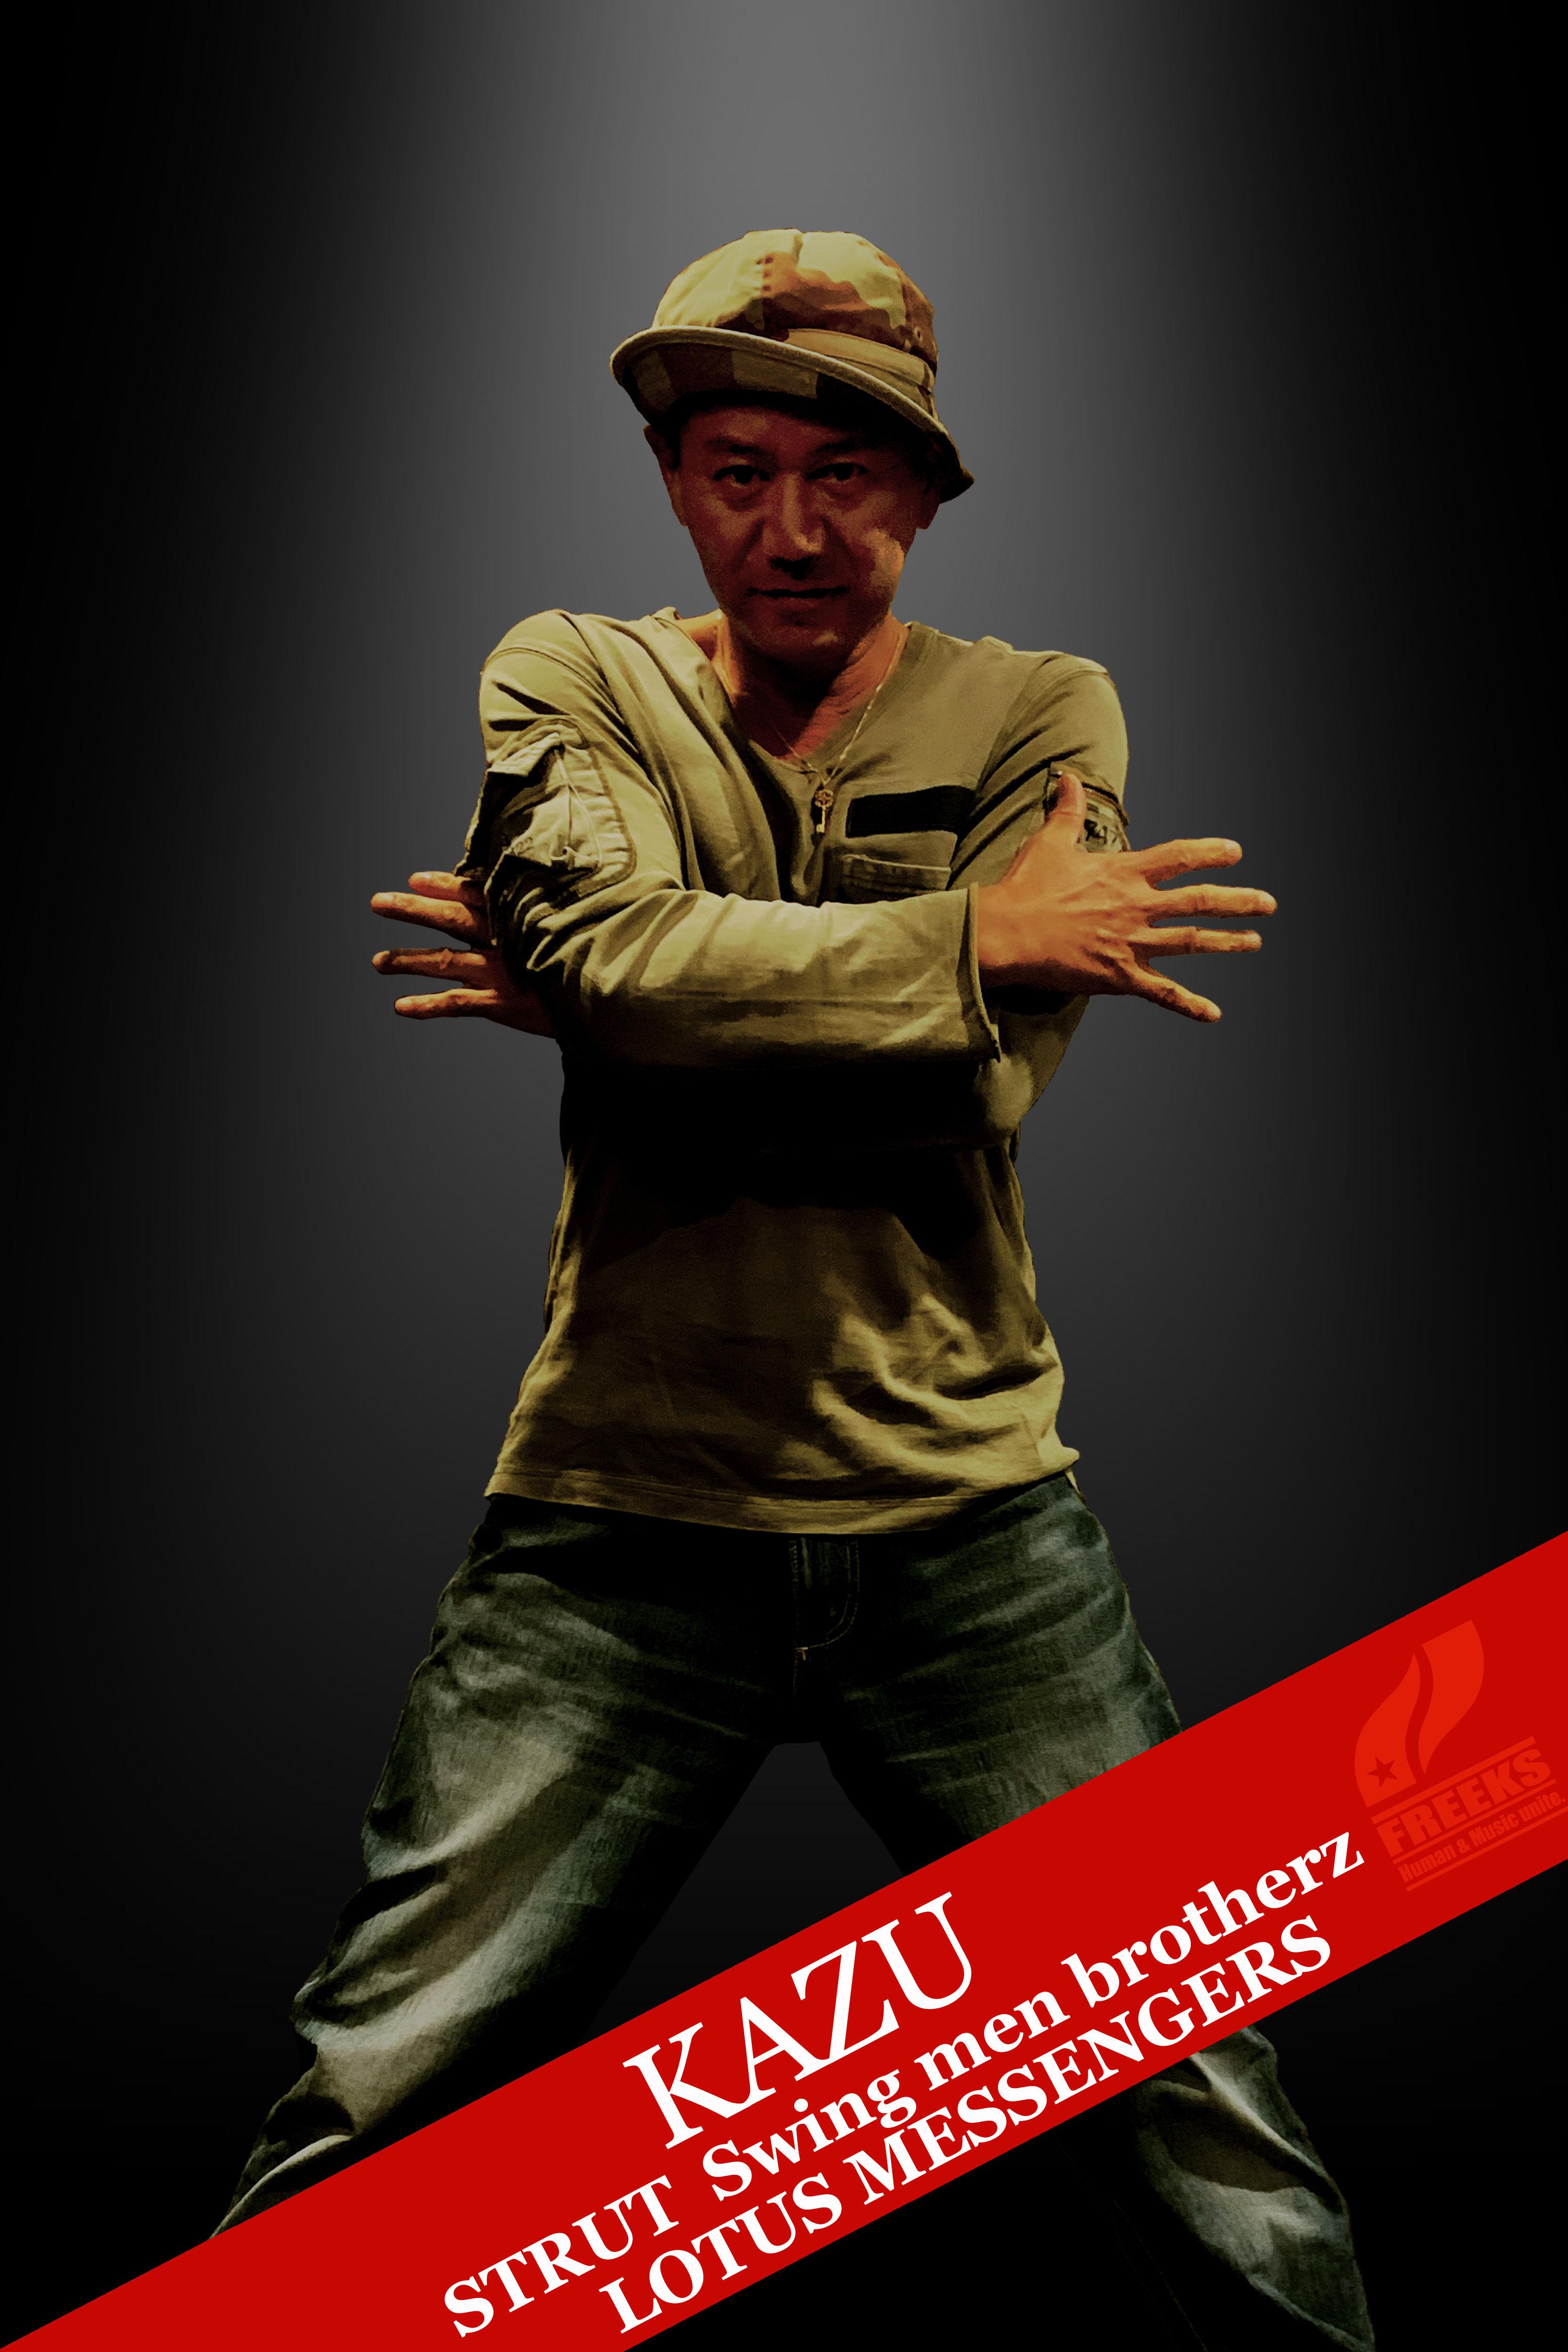 町田ダンススクール、町田ダンススタジオ、New Jack Swing、hiphop、pop